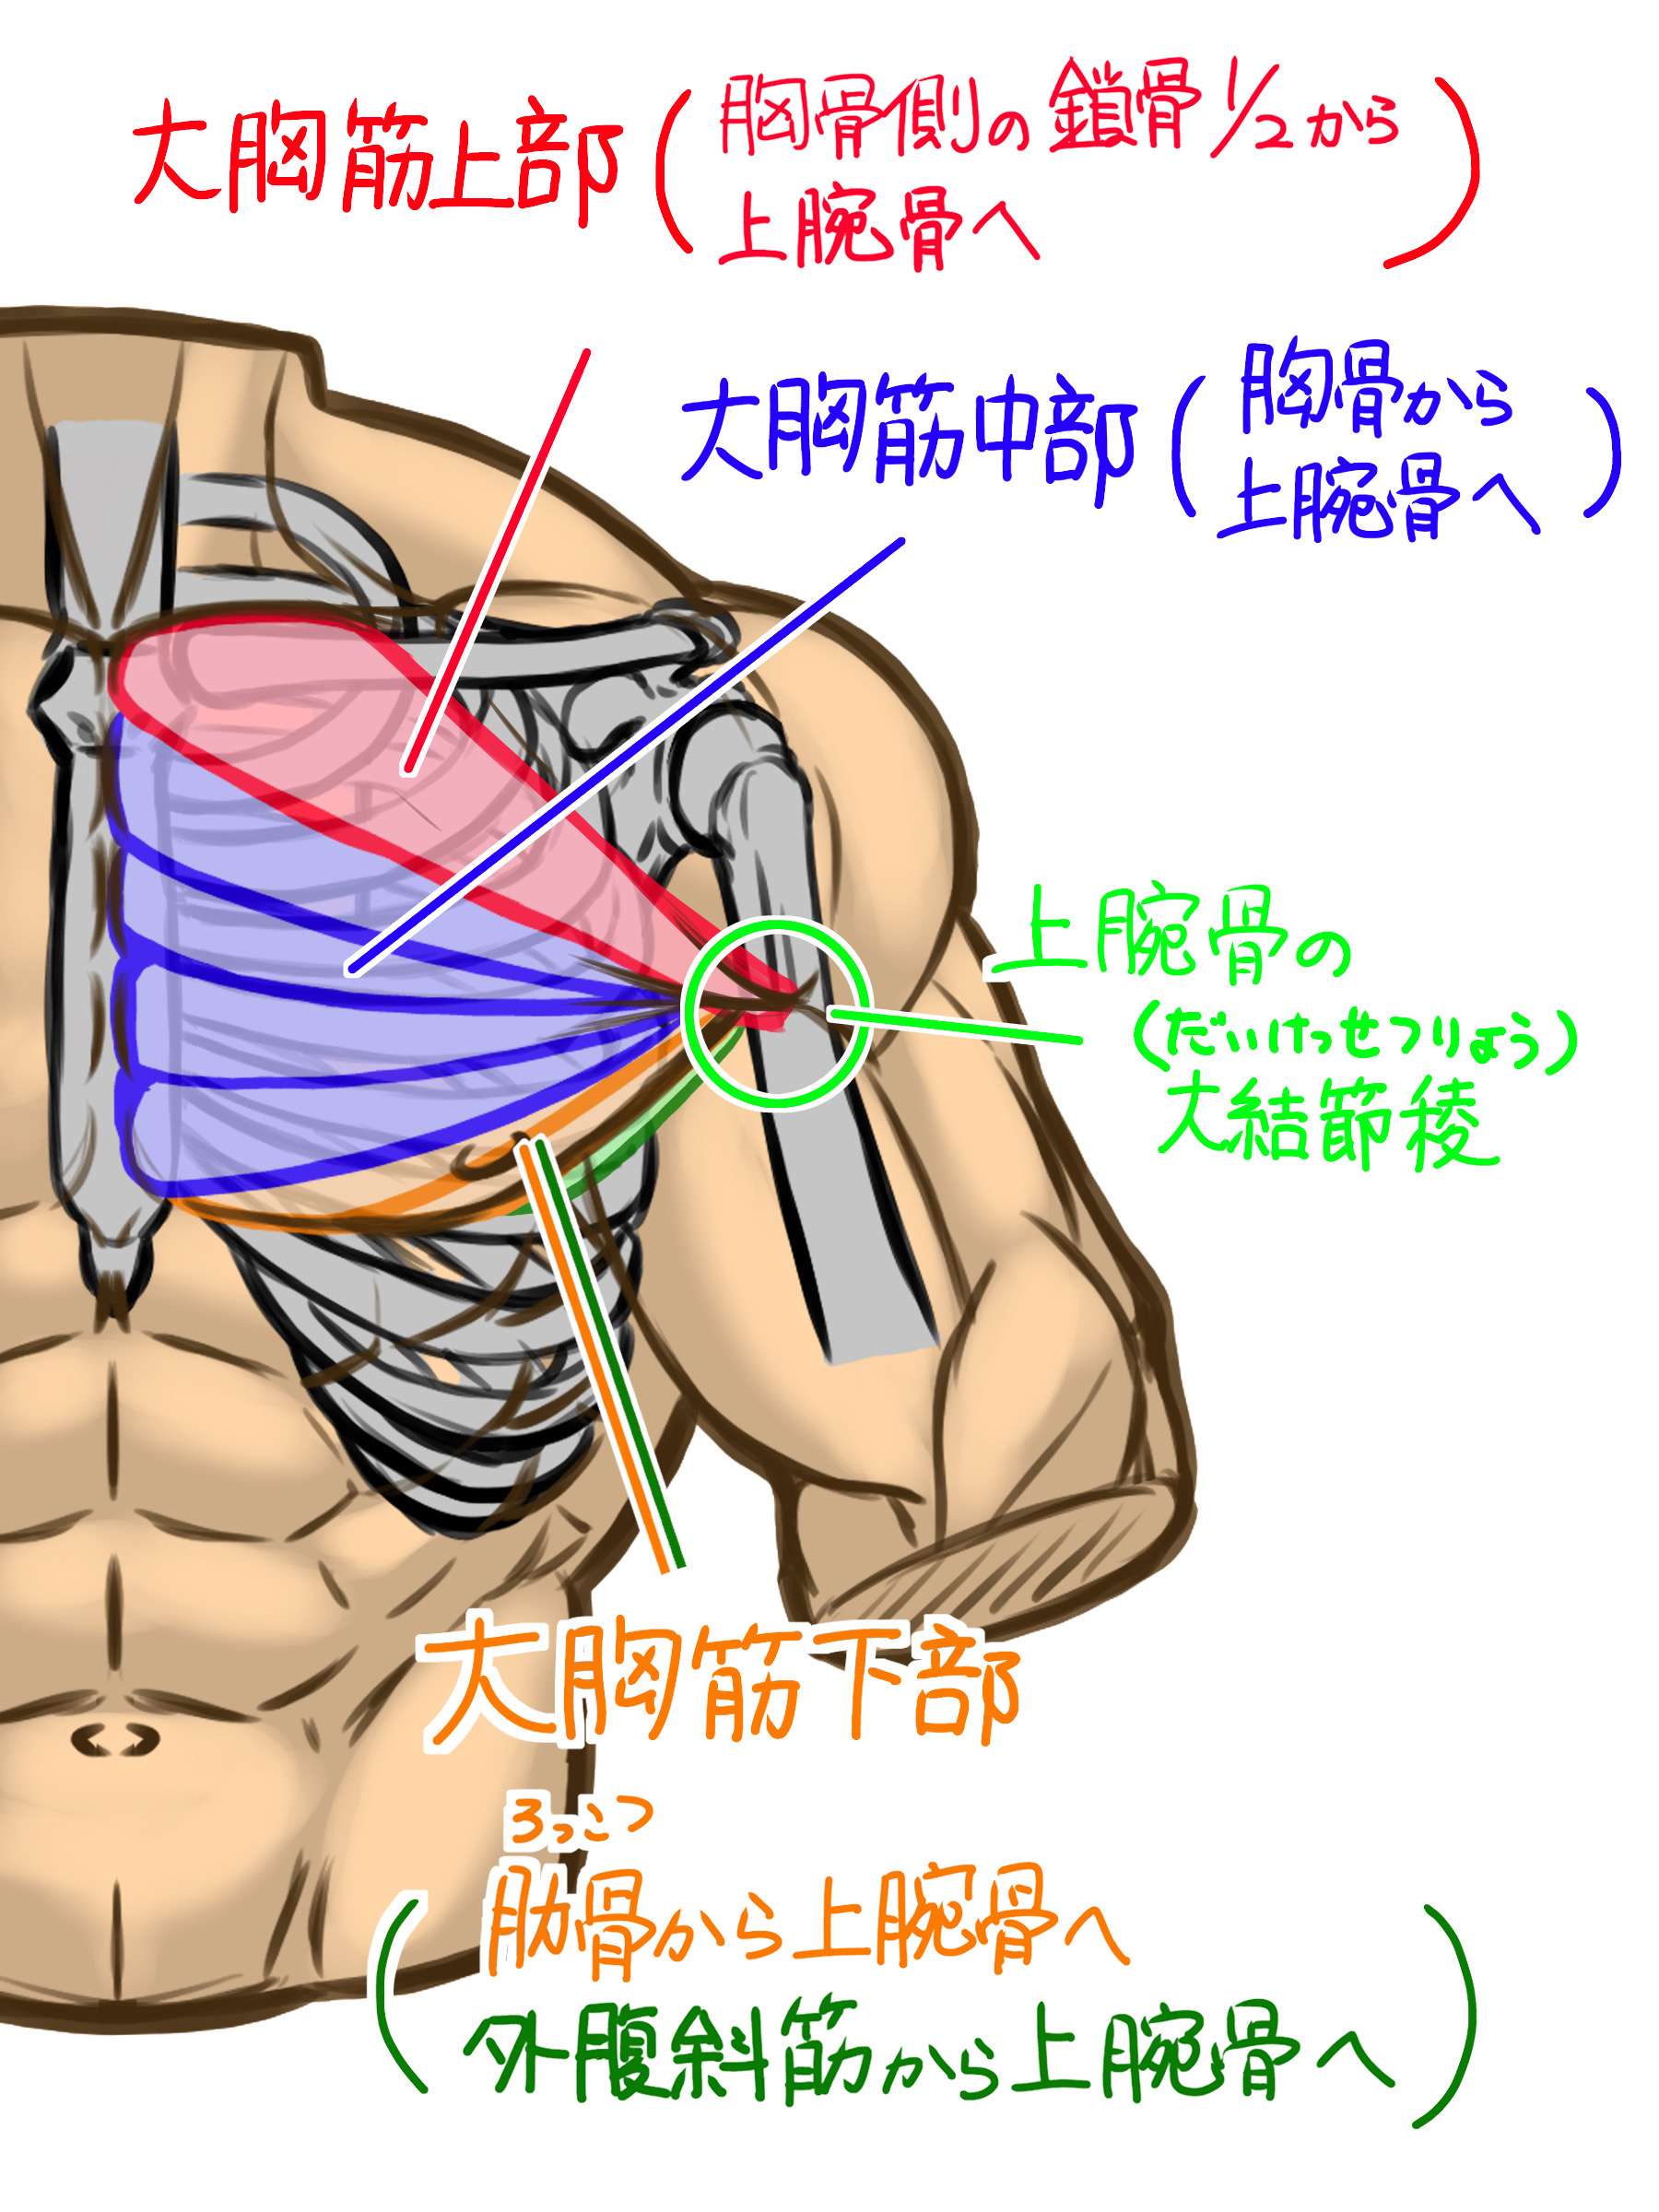 大胸筋は、筋肉の分け方として大胸筋上部、大胸筋中部、大胸筋下部に分けられ、このつすべてが上腕骨の大結節稜(だいけっせつりょう)という部分につながっています。大胸筋上部(胸骨側の鎖骨二分の一の部分から上腕骨にかけて) 大胸筋中部(胸骨部分から上腕骨にかけて) 大胸筋下部(肋骨から上腕骨にかけて、外腹斜筋から上腕骨にかけて)